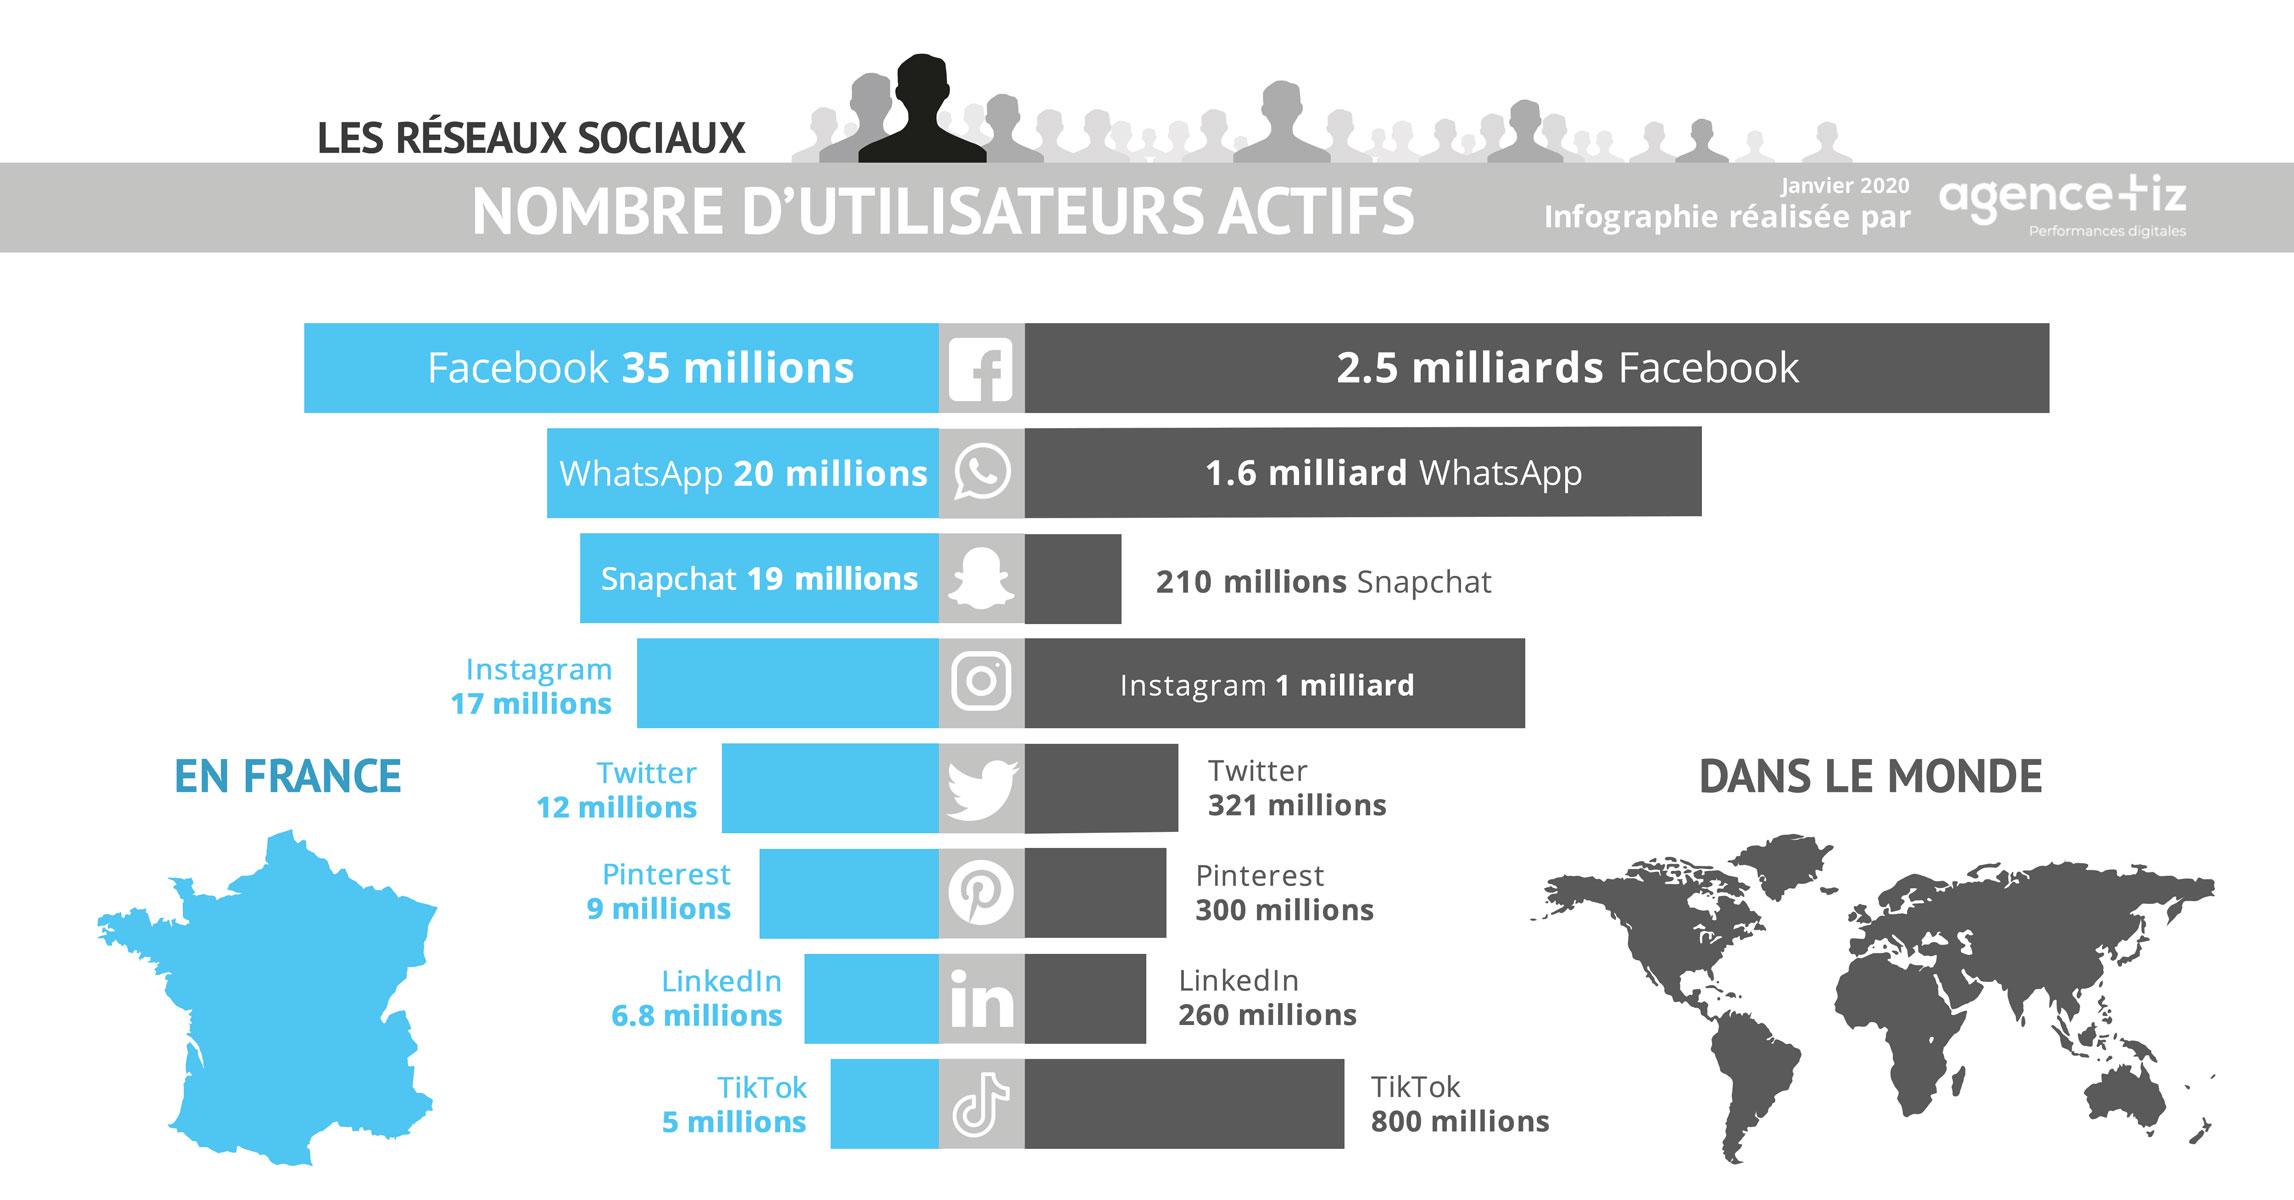 Classement des réseaux sociaux en France et dans le monde en 2020